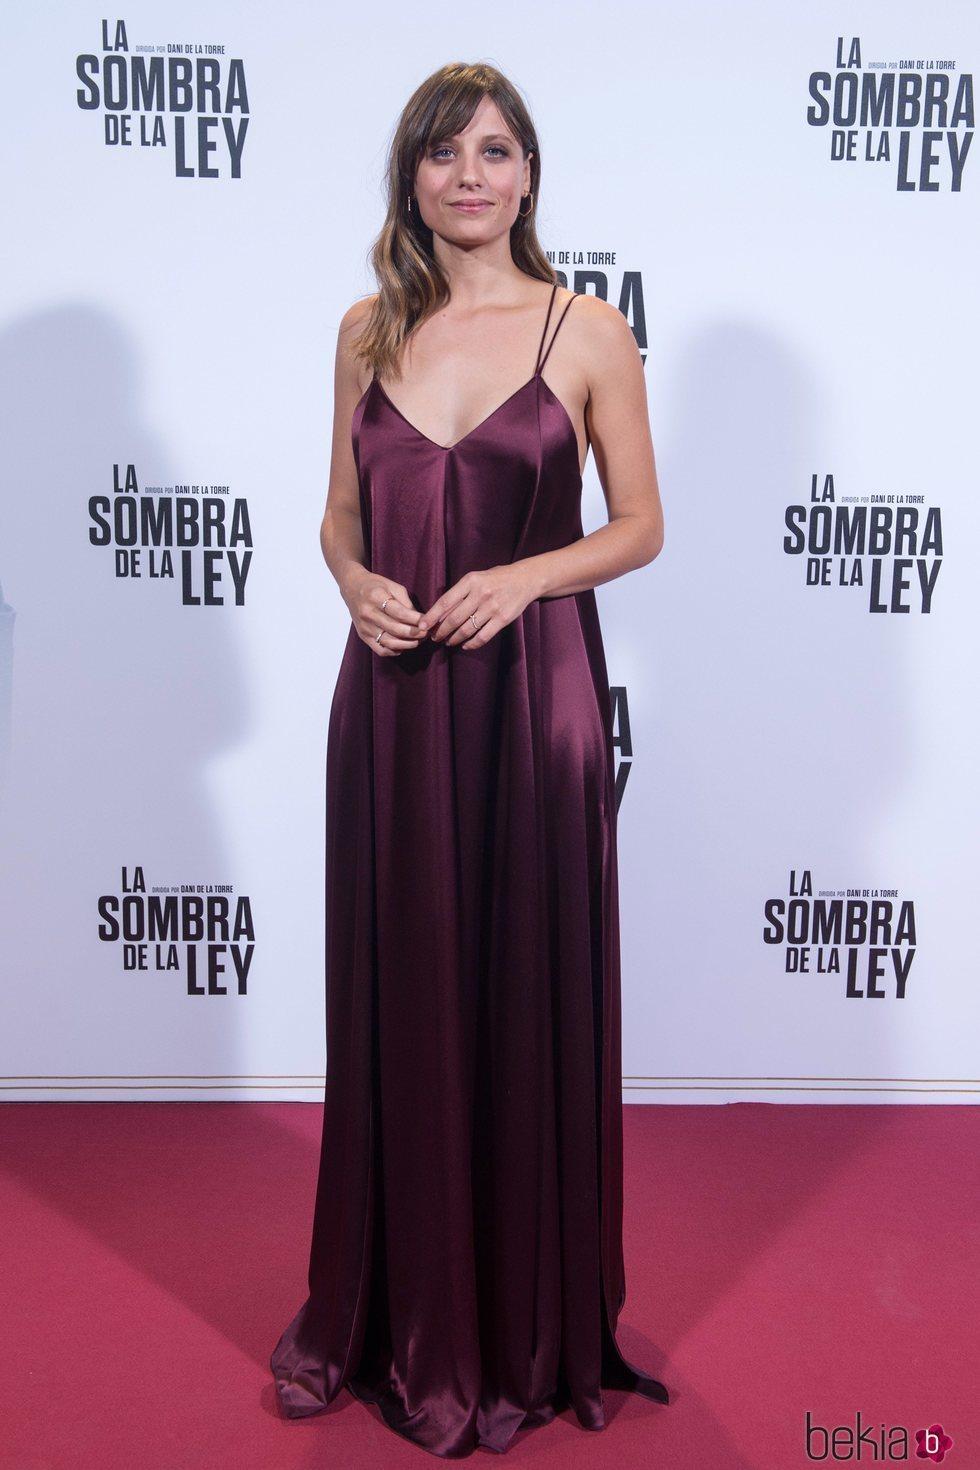 Michelle Jenner en el estreno de 'La sombra de la ley' en Madrid